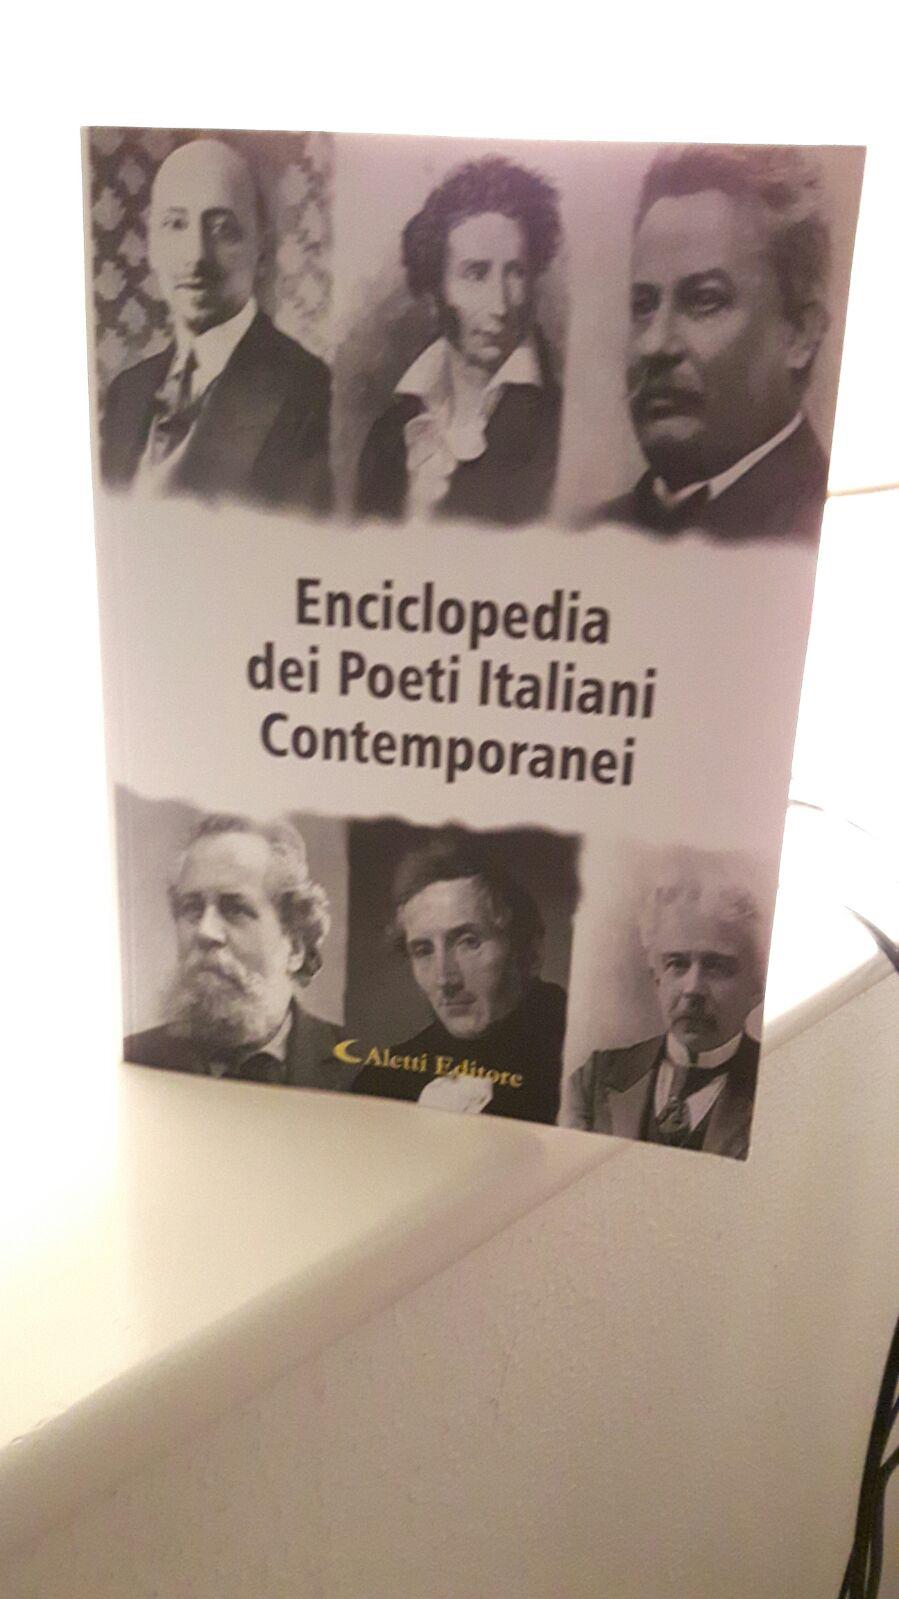 Le poesie della Dott.ssa Gerardina Gonnella inserite nell'Enciclopedia Gonnella inserite nell'Enciclopedia dei Poeti Italiani Contemporanei